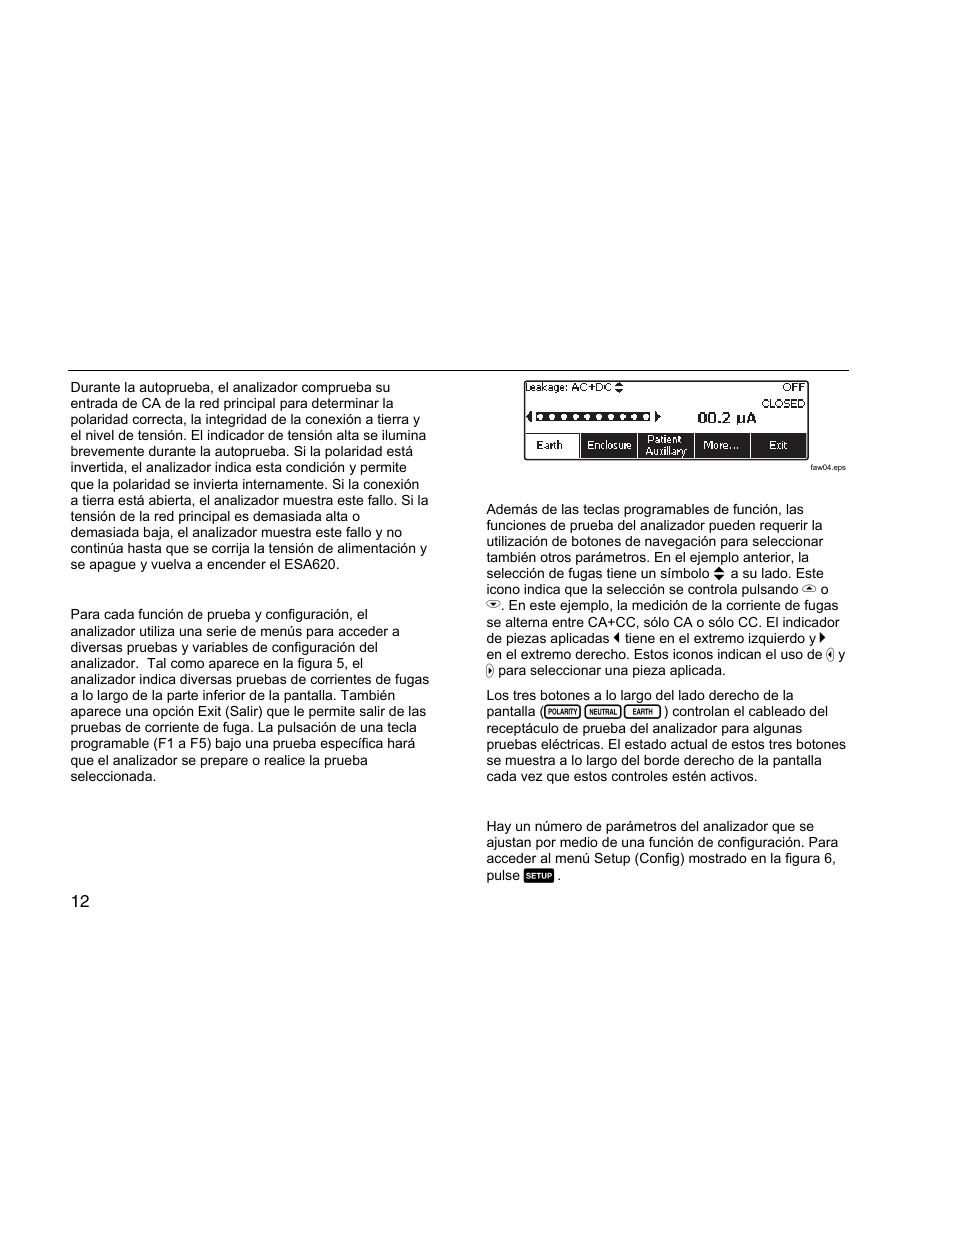 Acceso a las funciones del analizador, Configuración del